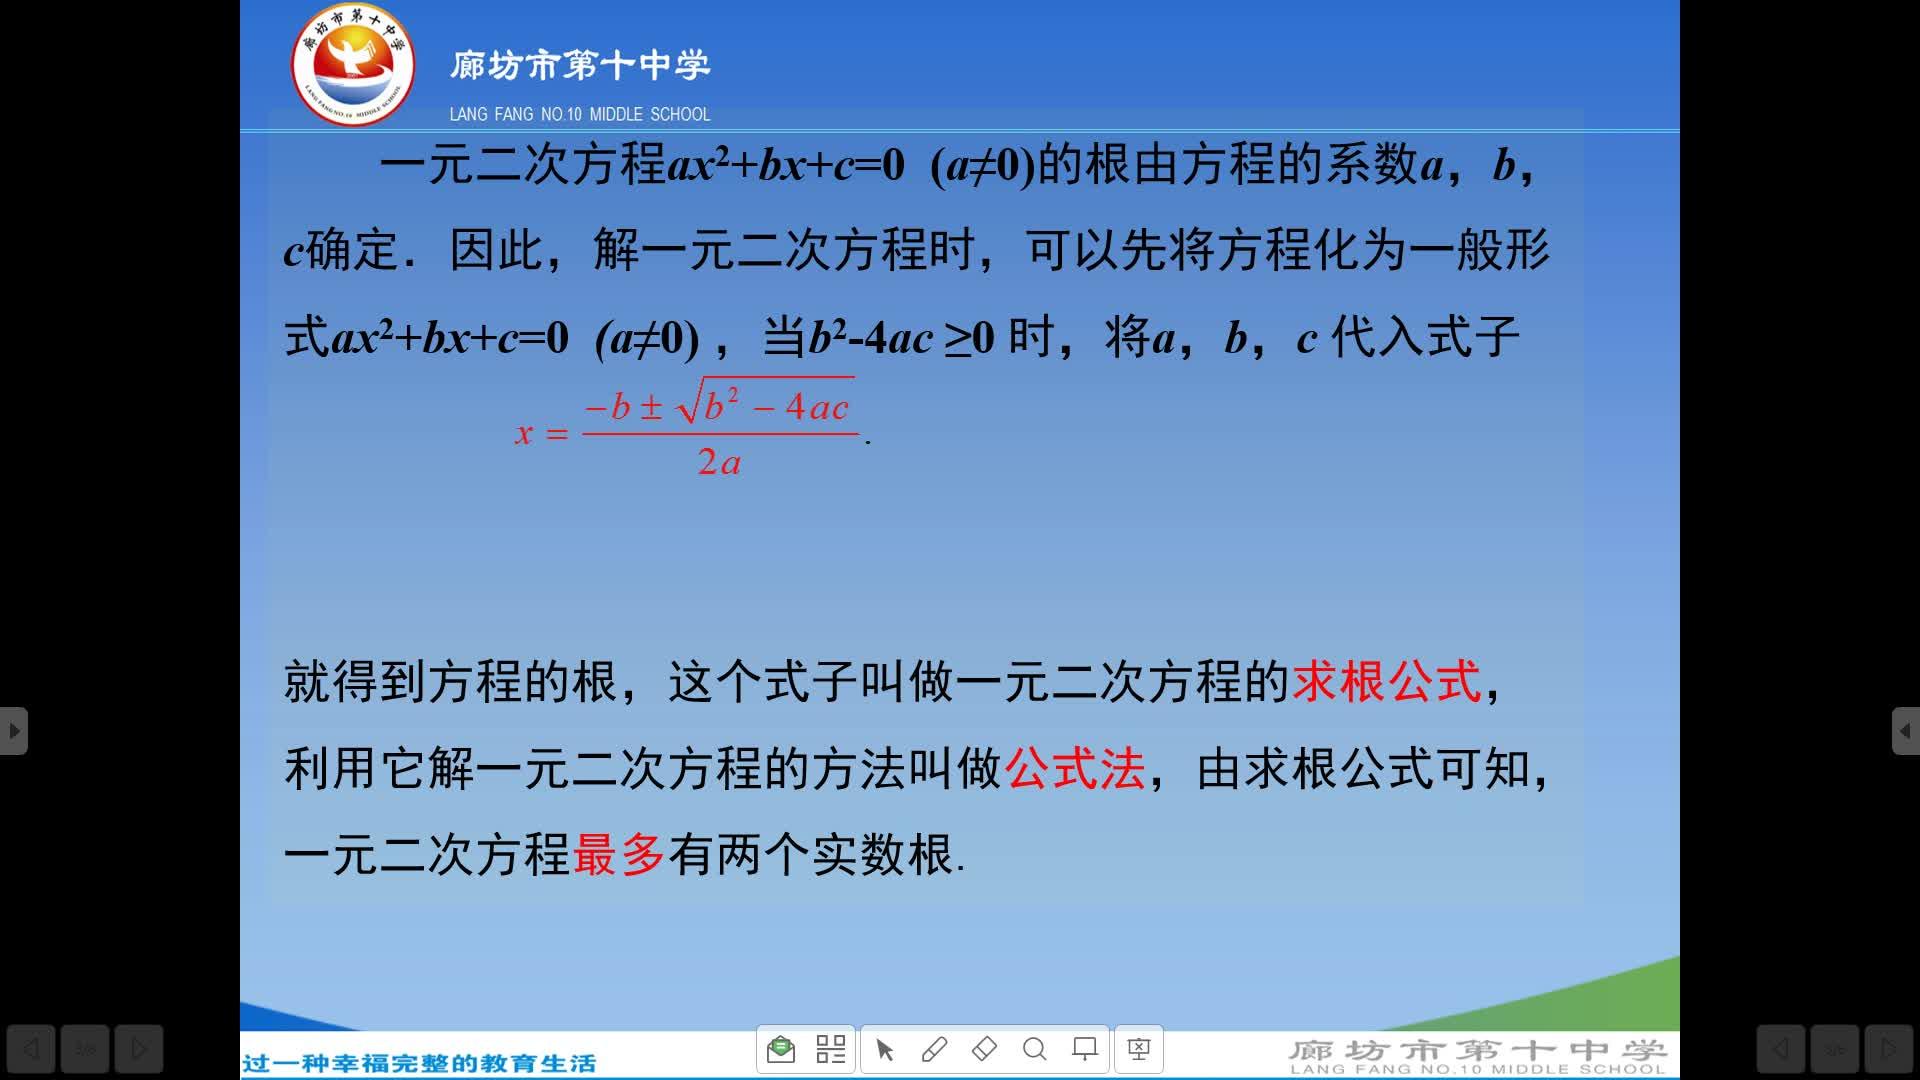 廊坊十中-人教版九年级上册-数学-21.2.2 公式法-马淑华